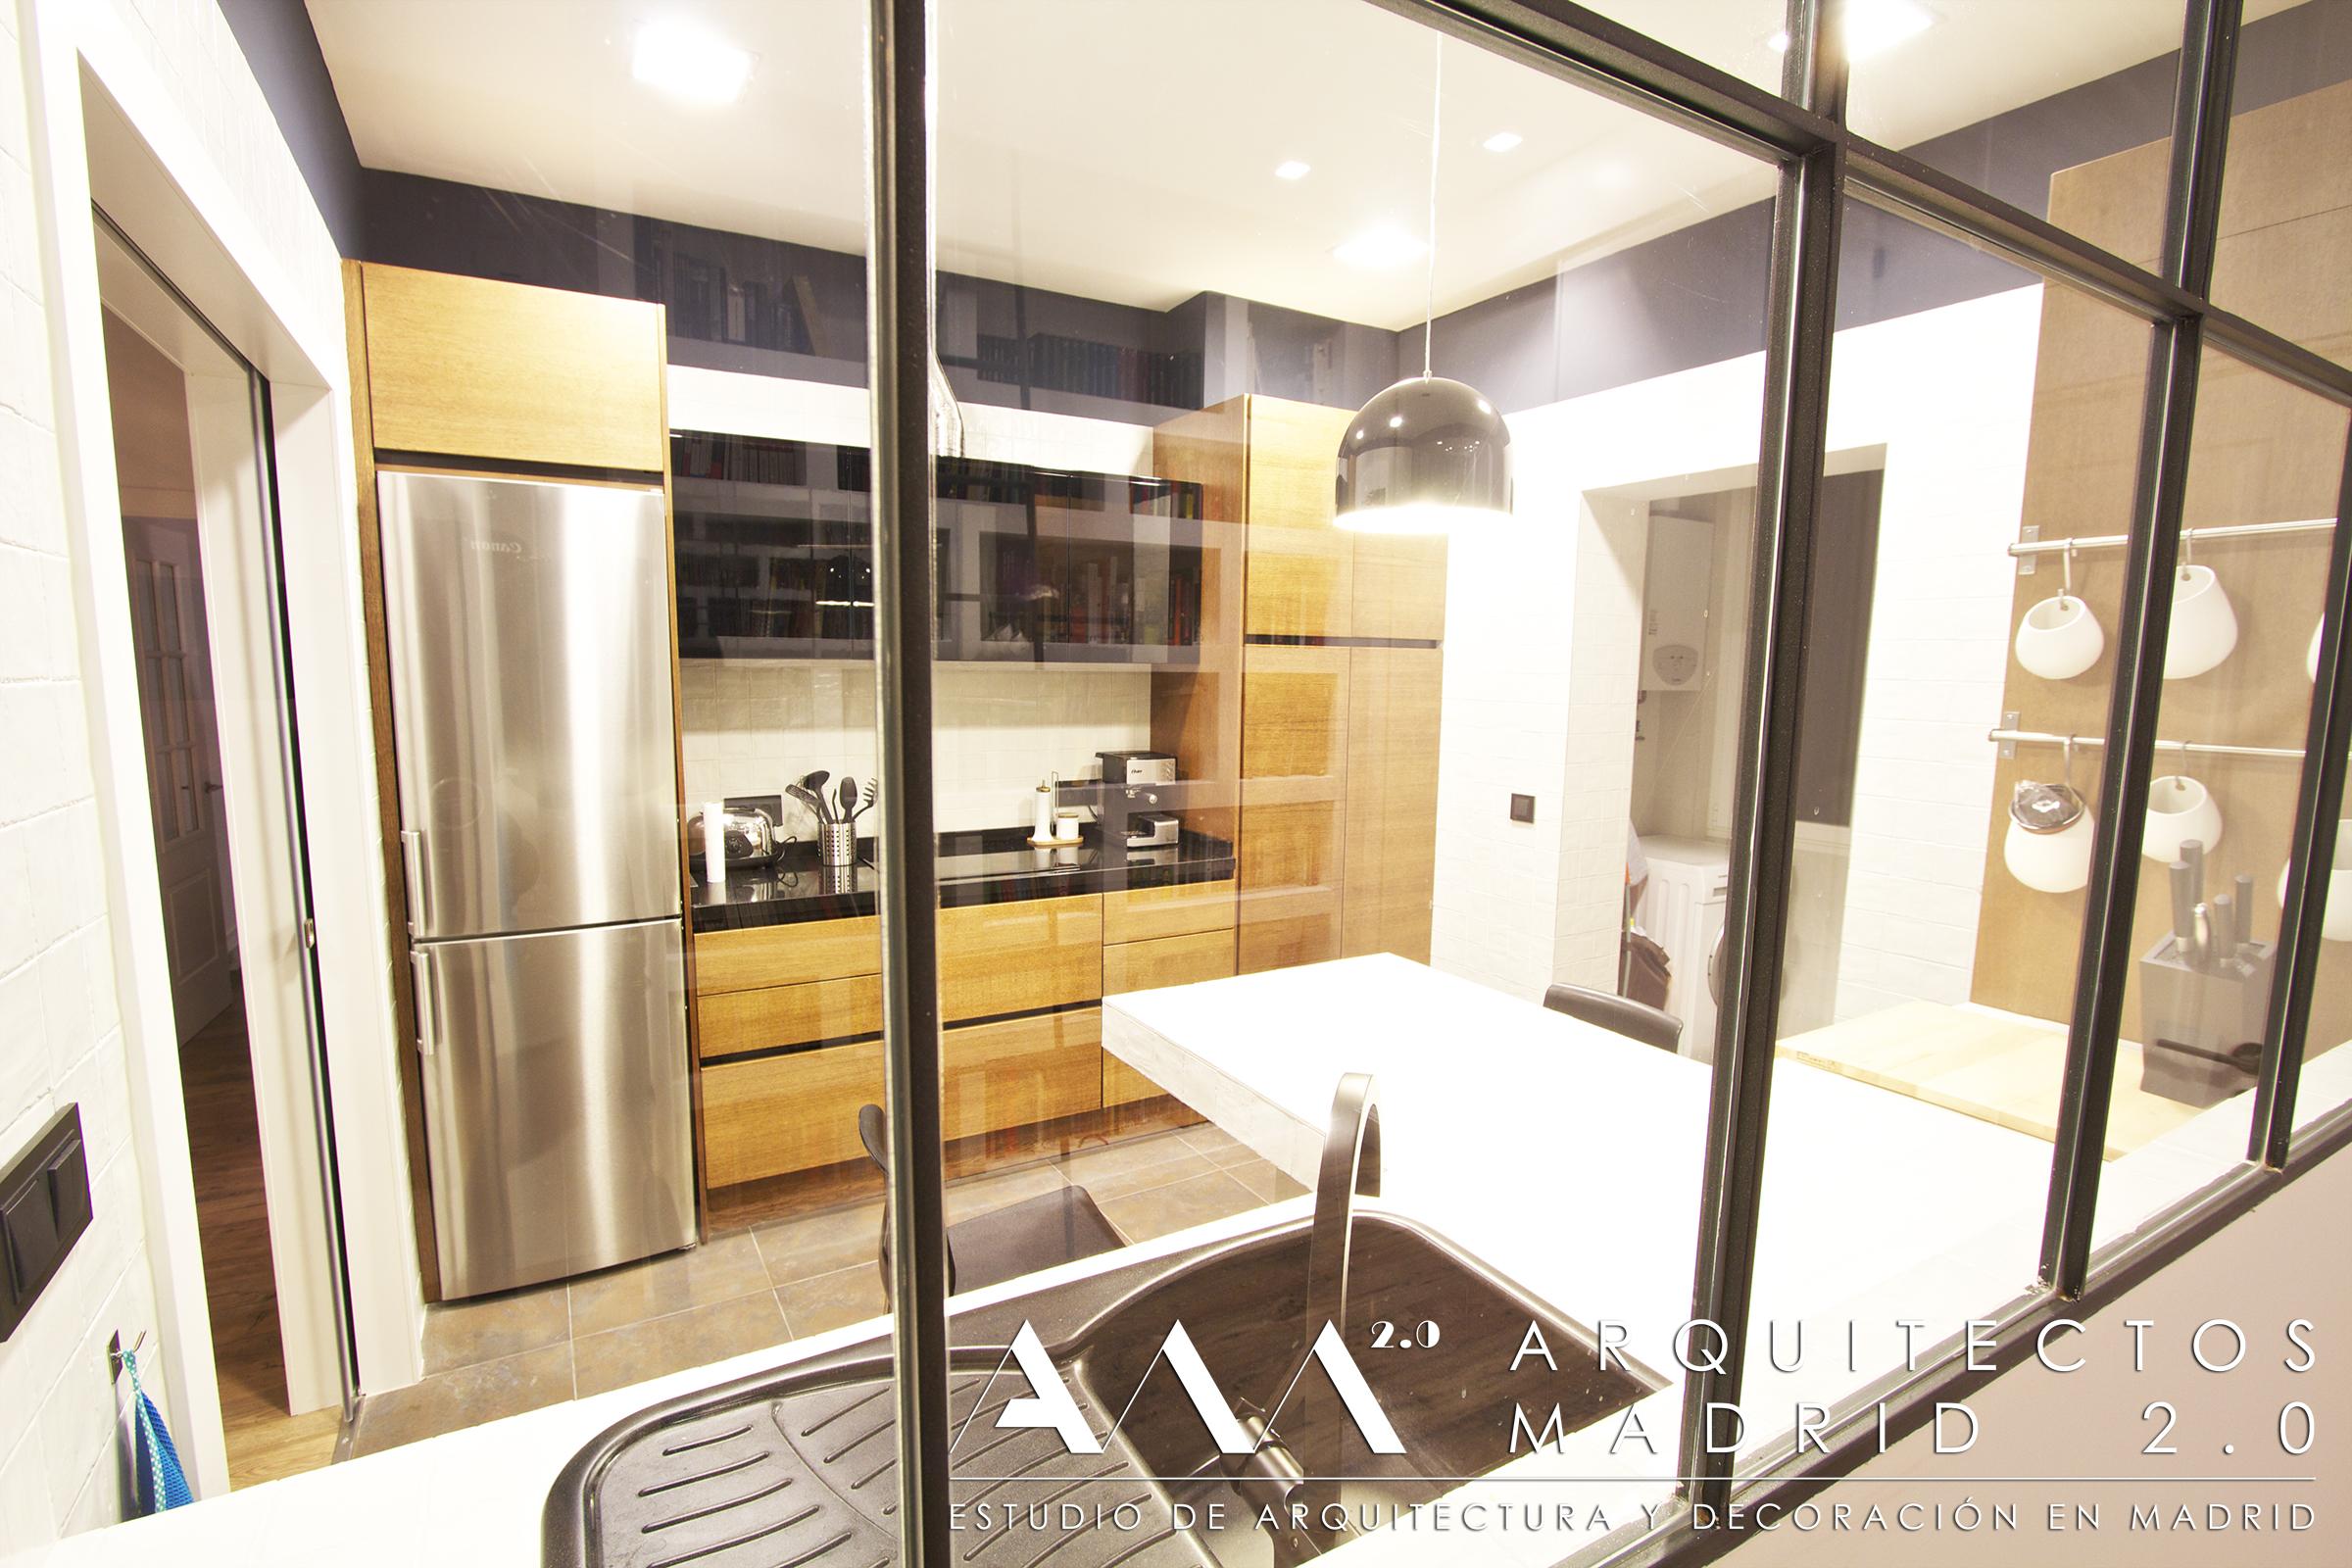 Reformas integrales de viviendas en madrid presupuestos for Reforma integral piso 100 metros